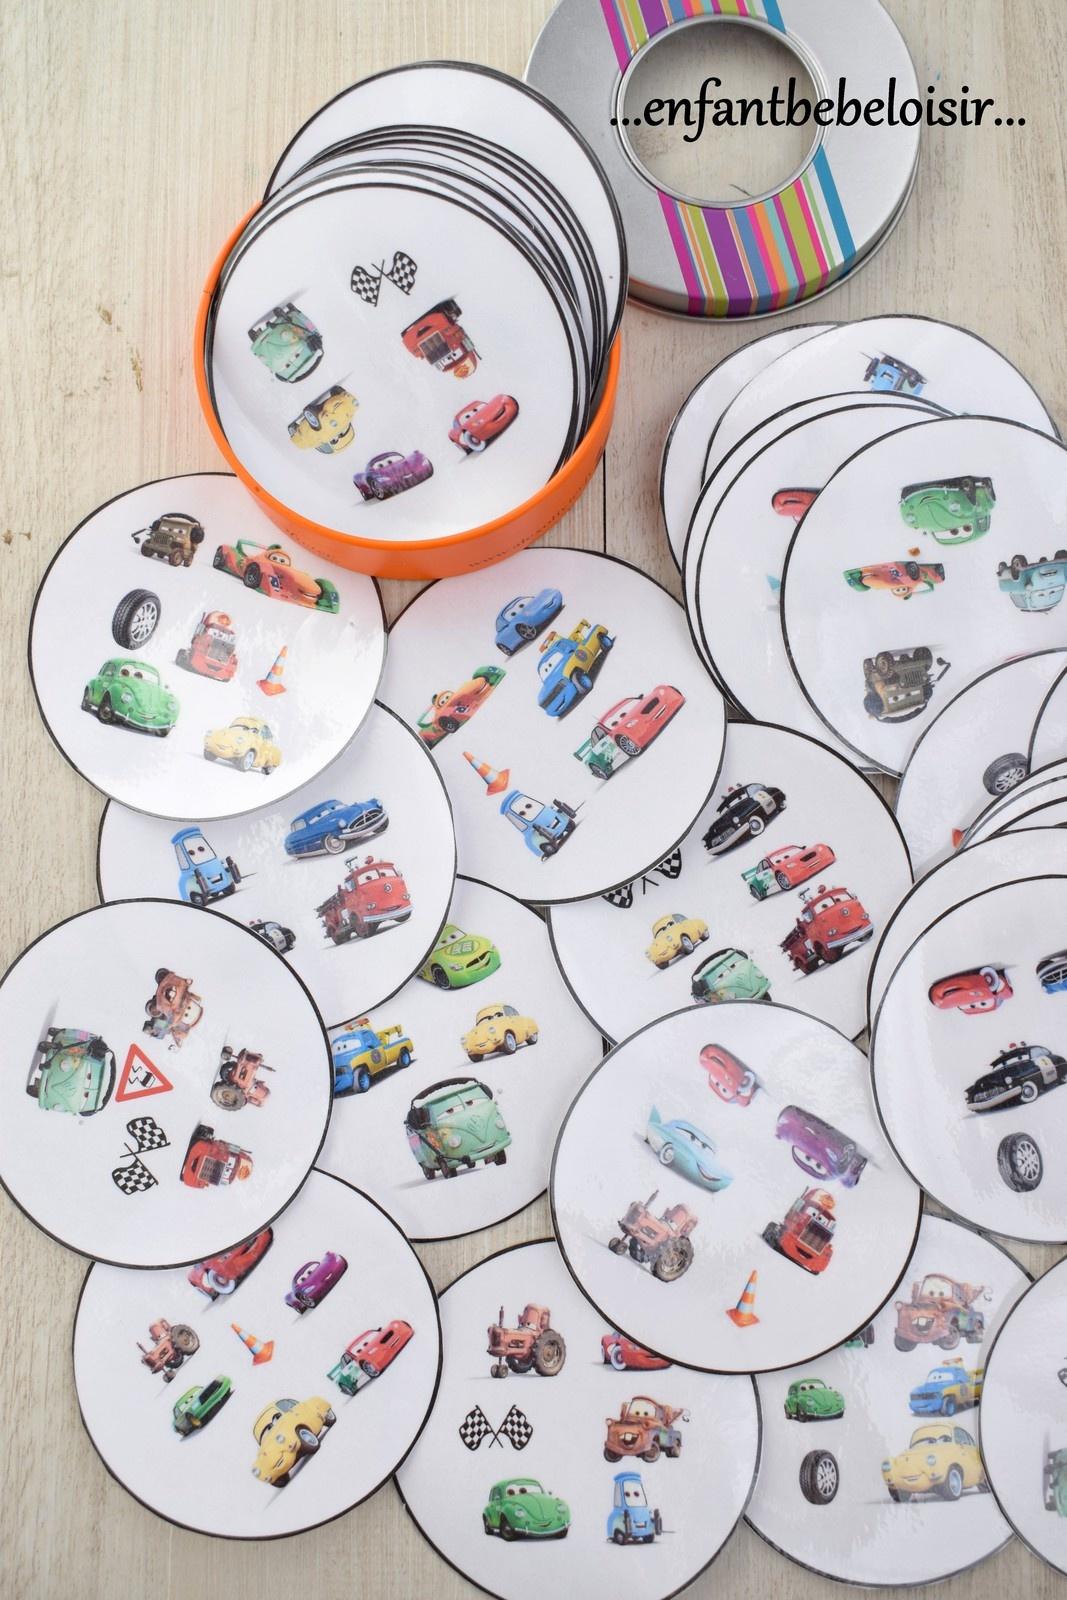 Jeu Dobble Cars Pixar À Imprimer - Gratuit - Enfant Bébé Loisir avec Jeux Educatif 5 Ans Gratuit